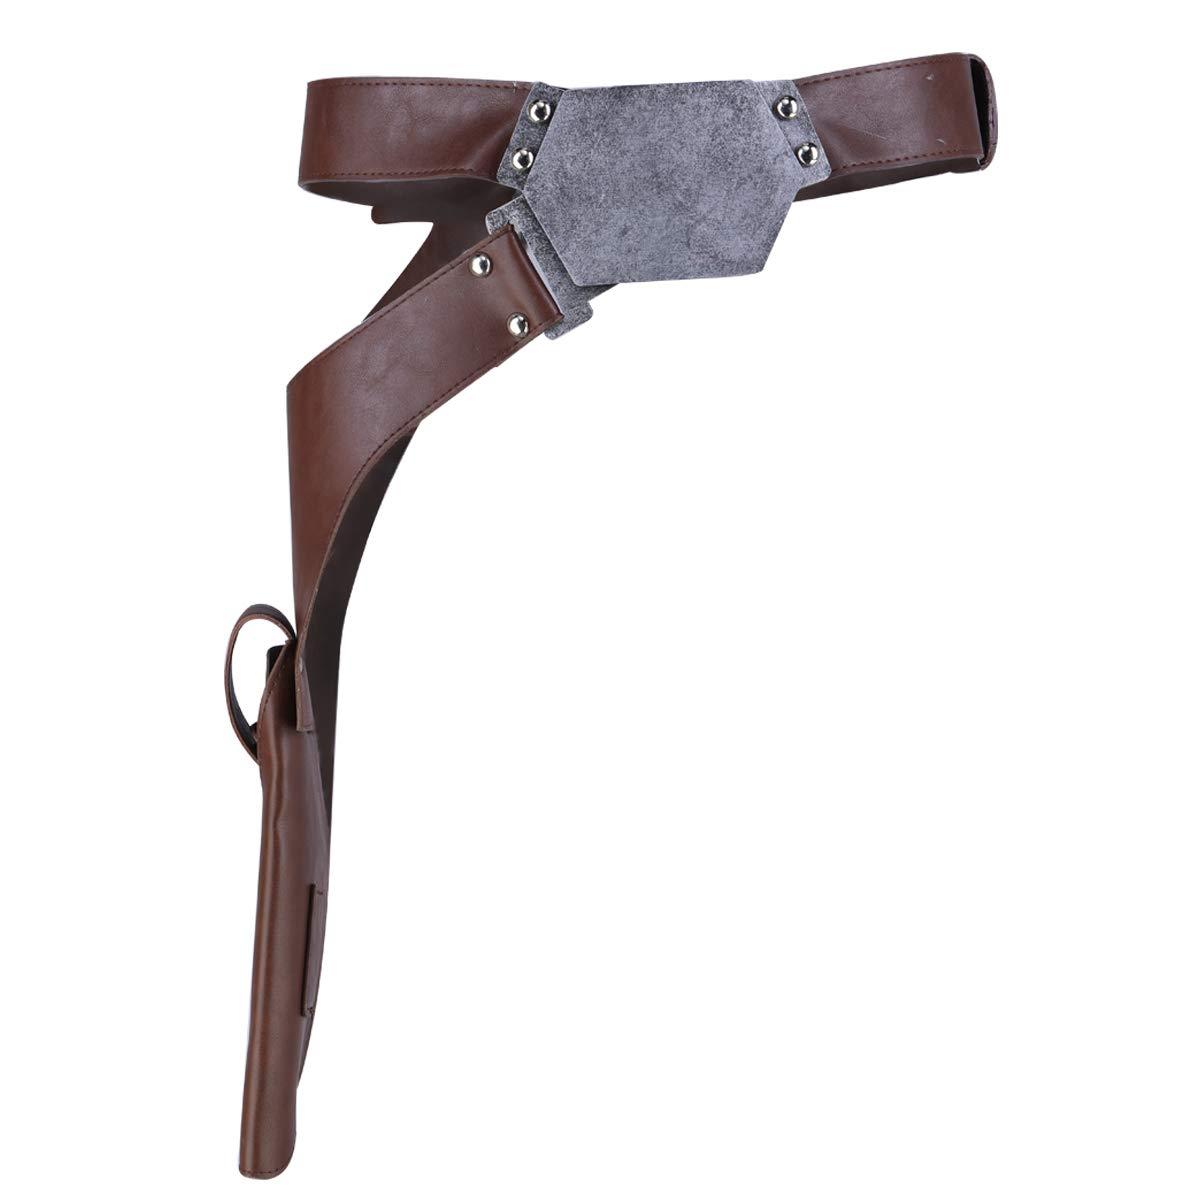 Mesky EU Han Solo Cintur/ón con Hebilla Belt Holster Film Versi/ón Props Costume Accesorio PU Leather Unisex para Hombre Mujer